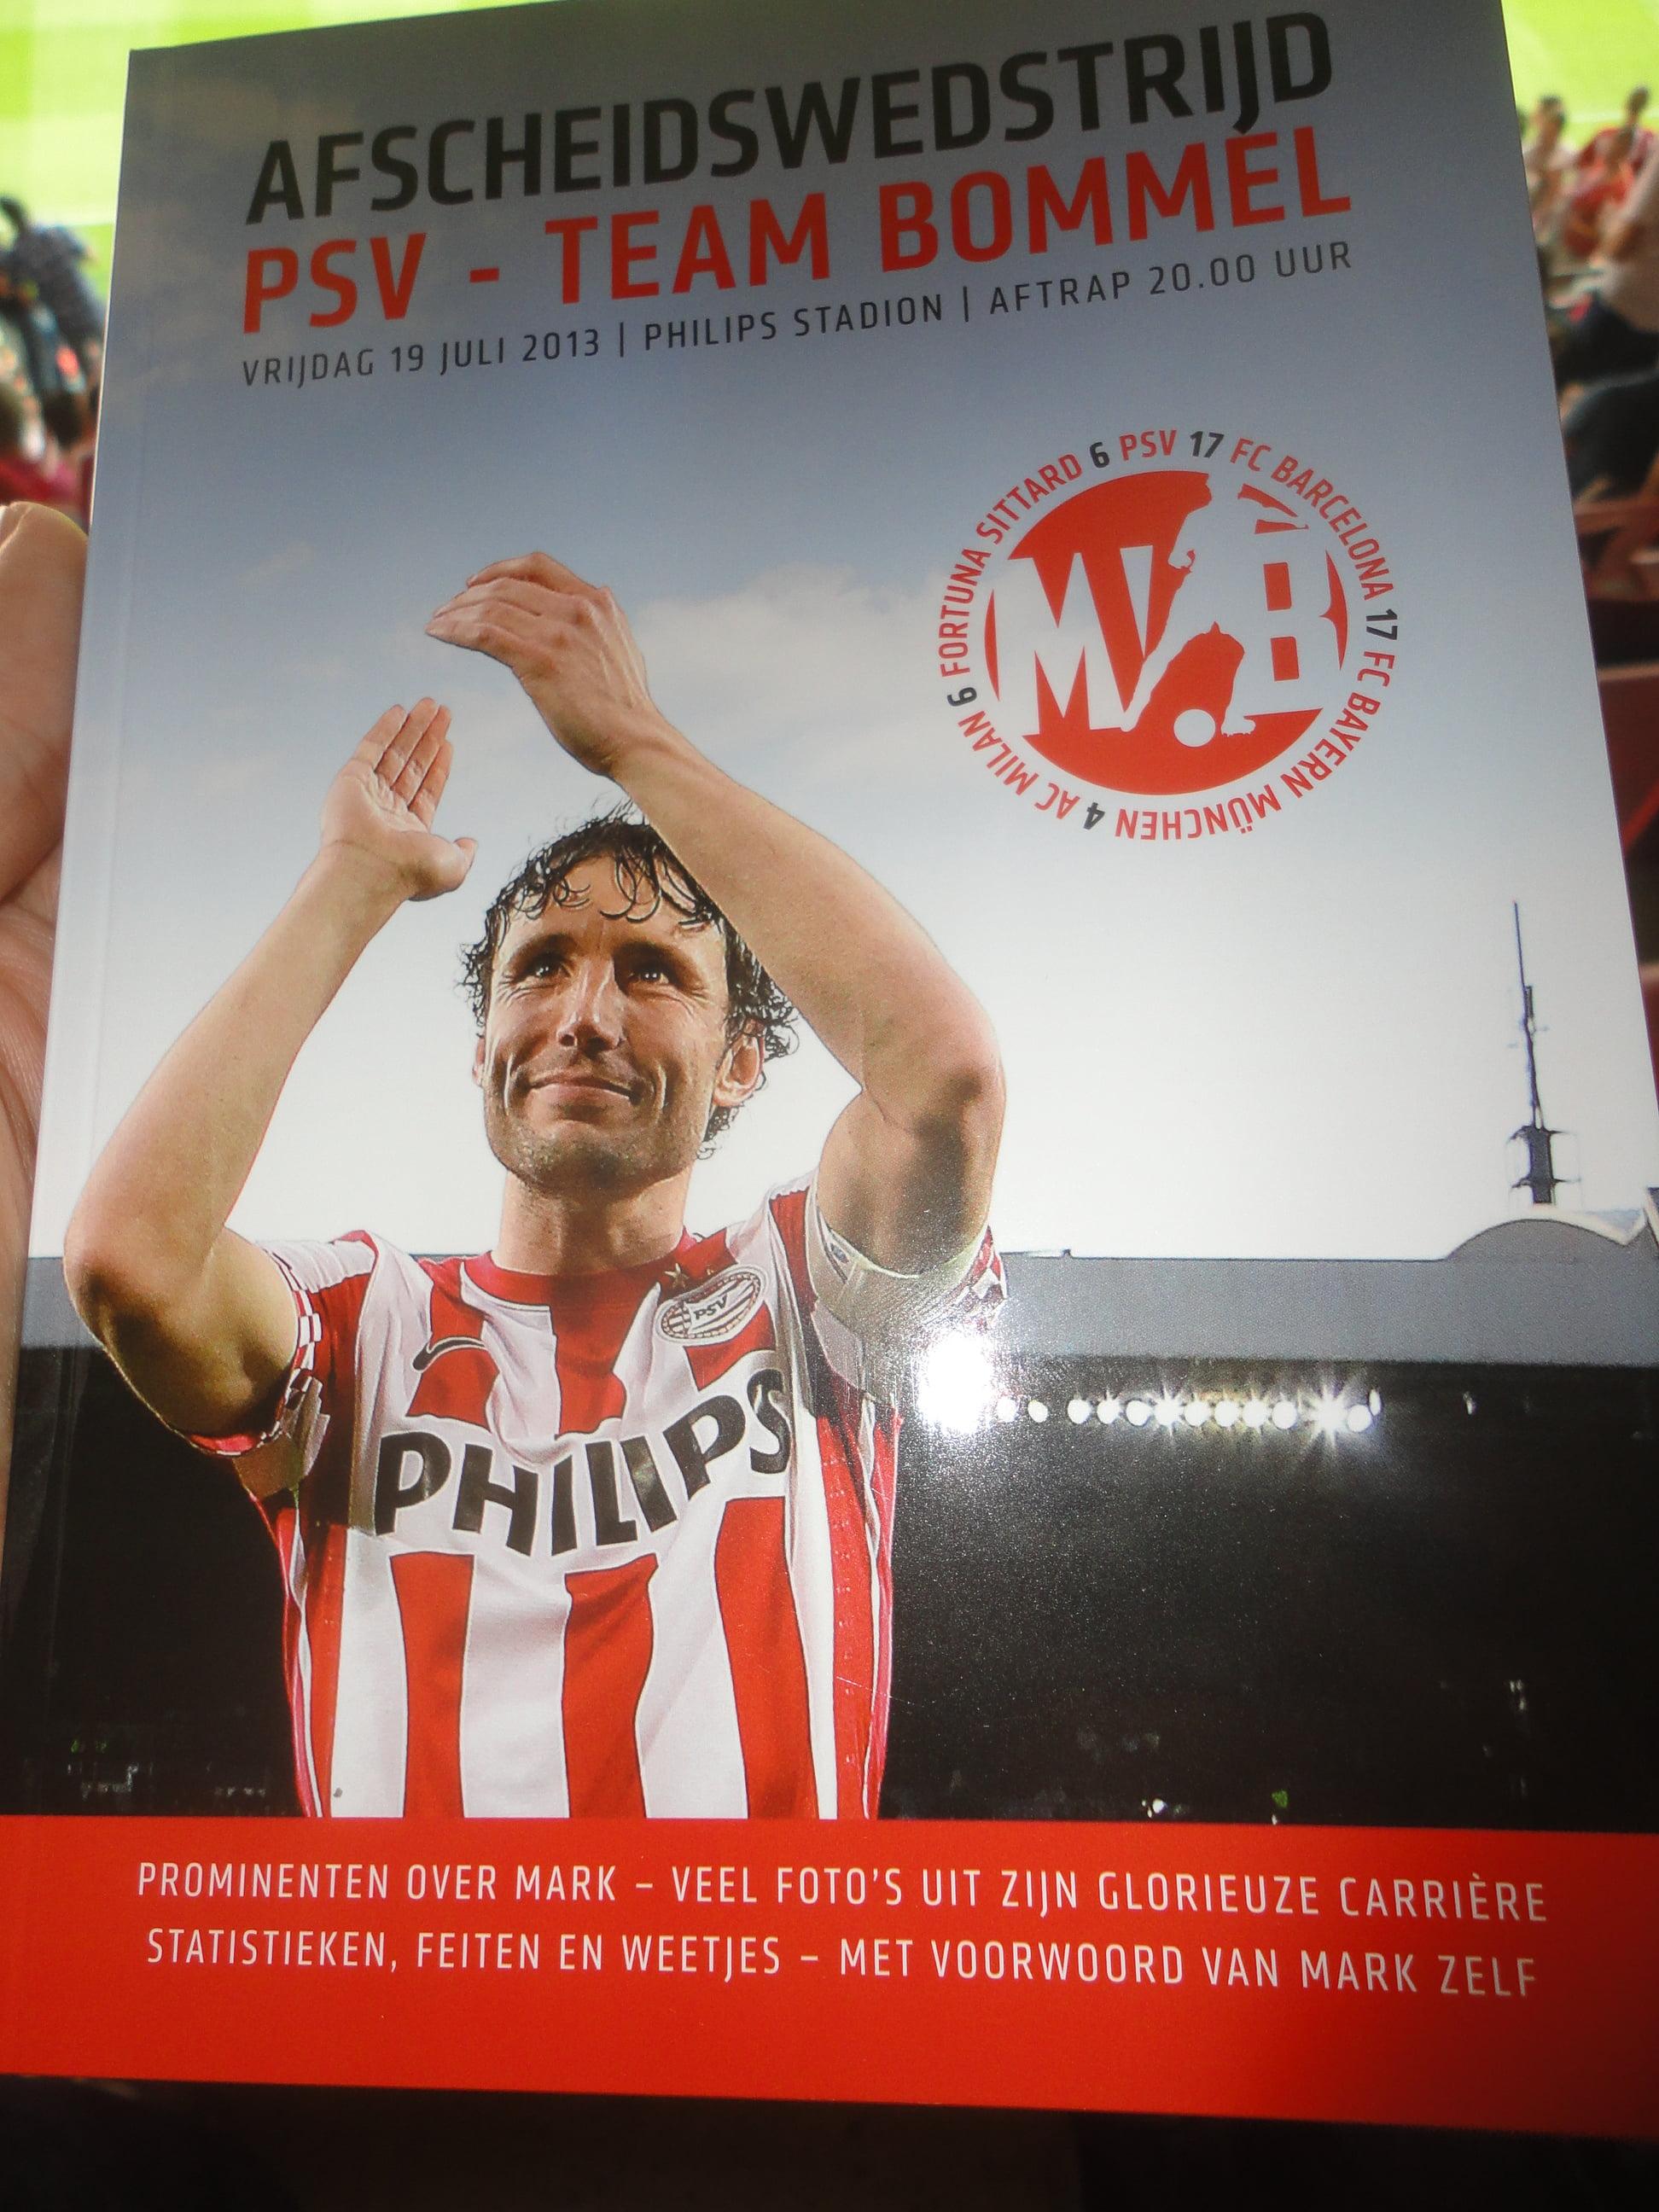 Afscheid van Mark van Bommel: deel I